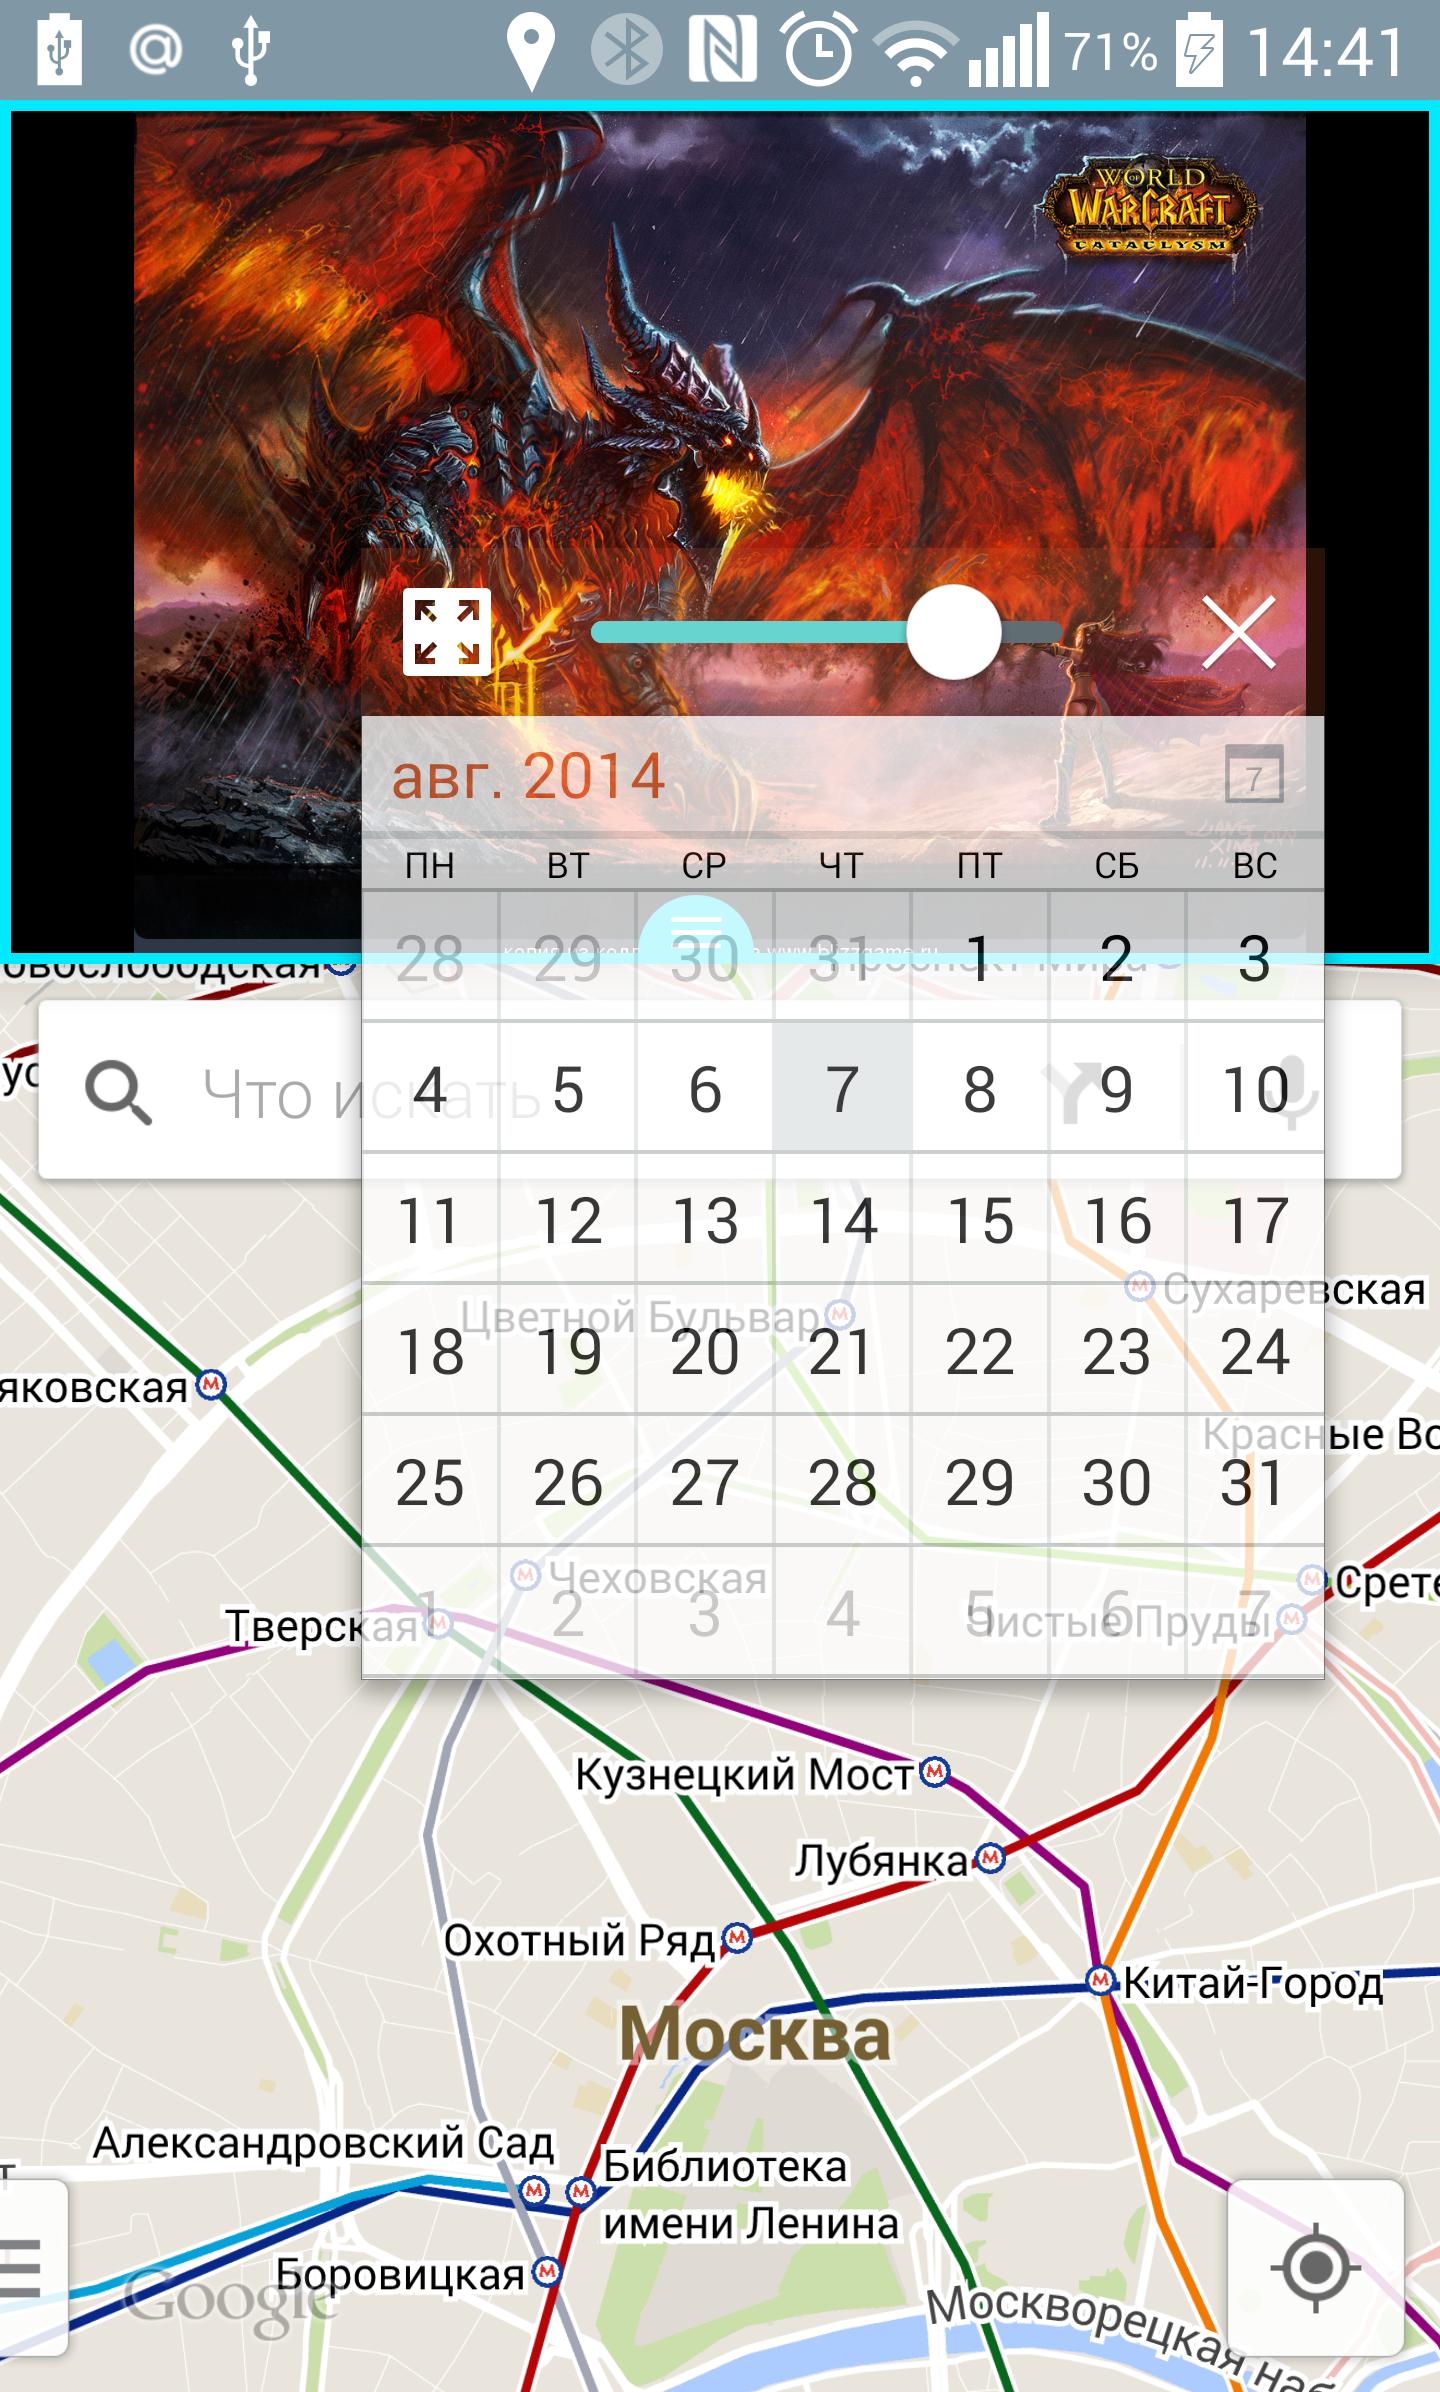 На LG G3 можно одновременно пользоваться галереей, картой и календарем